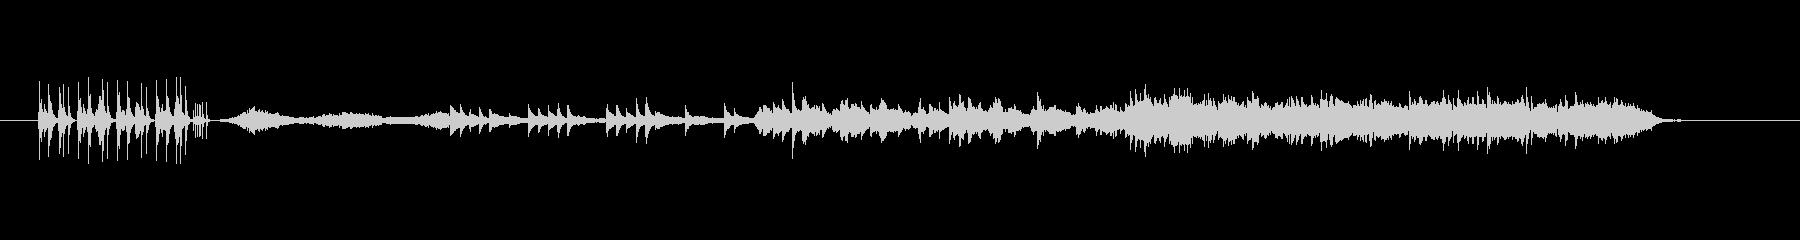 リズムが特徴的で懐かしいメロディーの未再生の波形